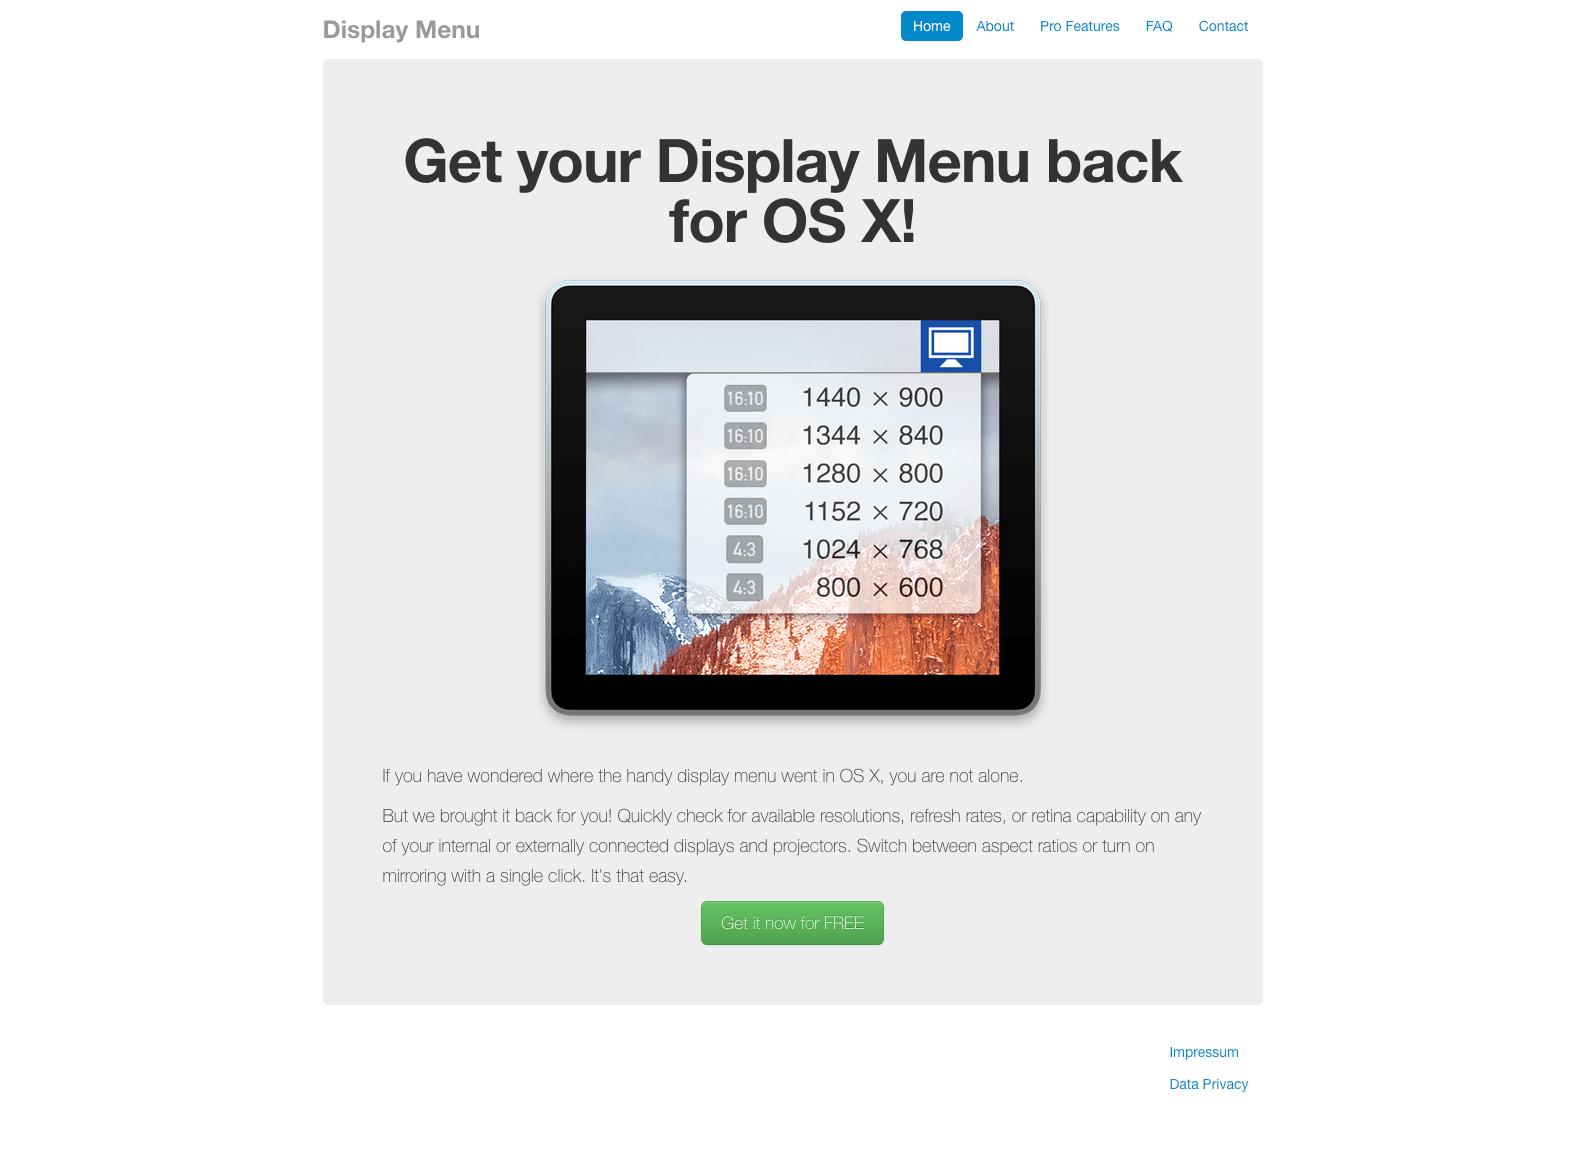 Touch Barつきのmacbook Proを手に入れたとき 知っておきたいオススメ